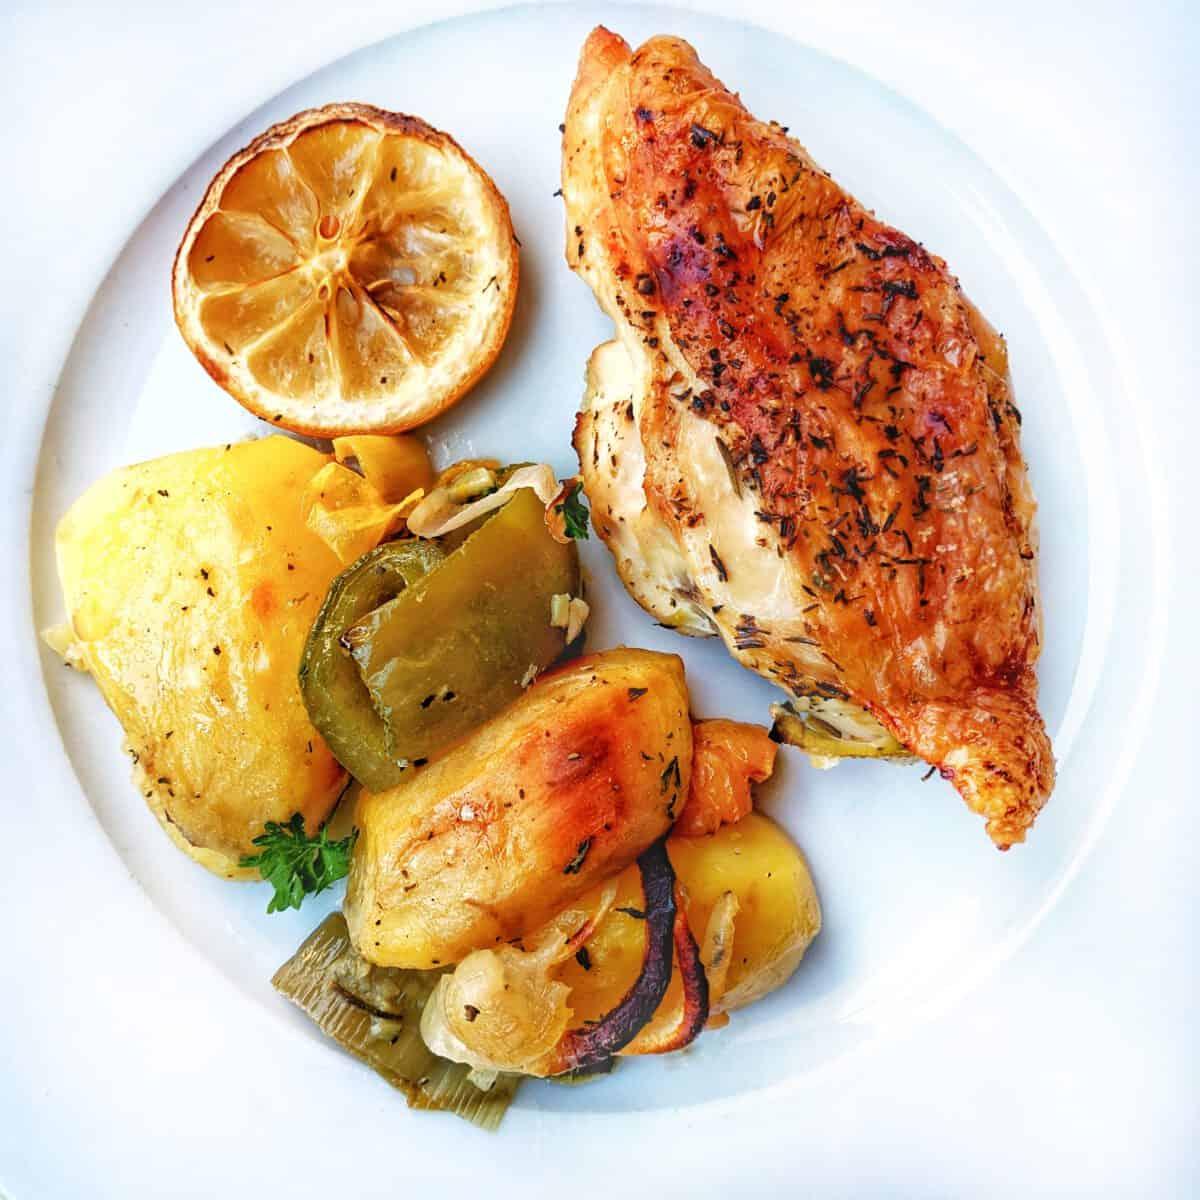 Ein weisser Teller mit mit Hähnchen, Kartoffeln und Gemüse.